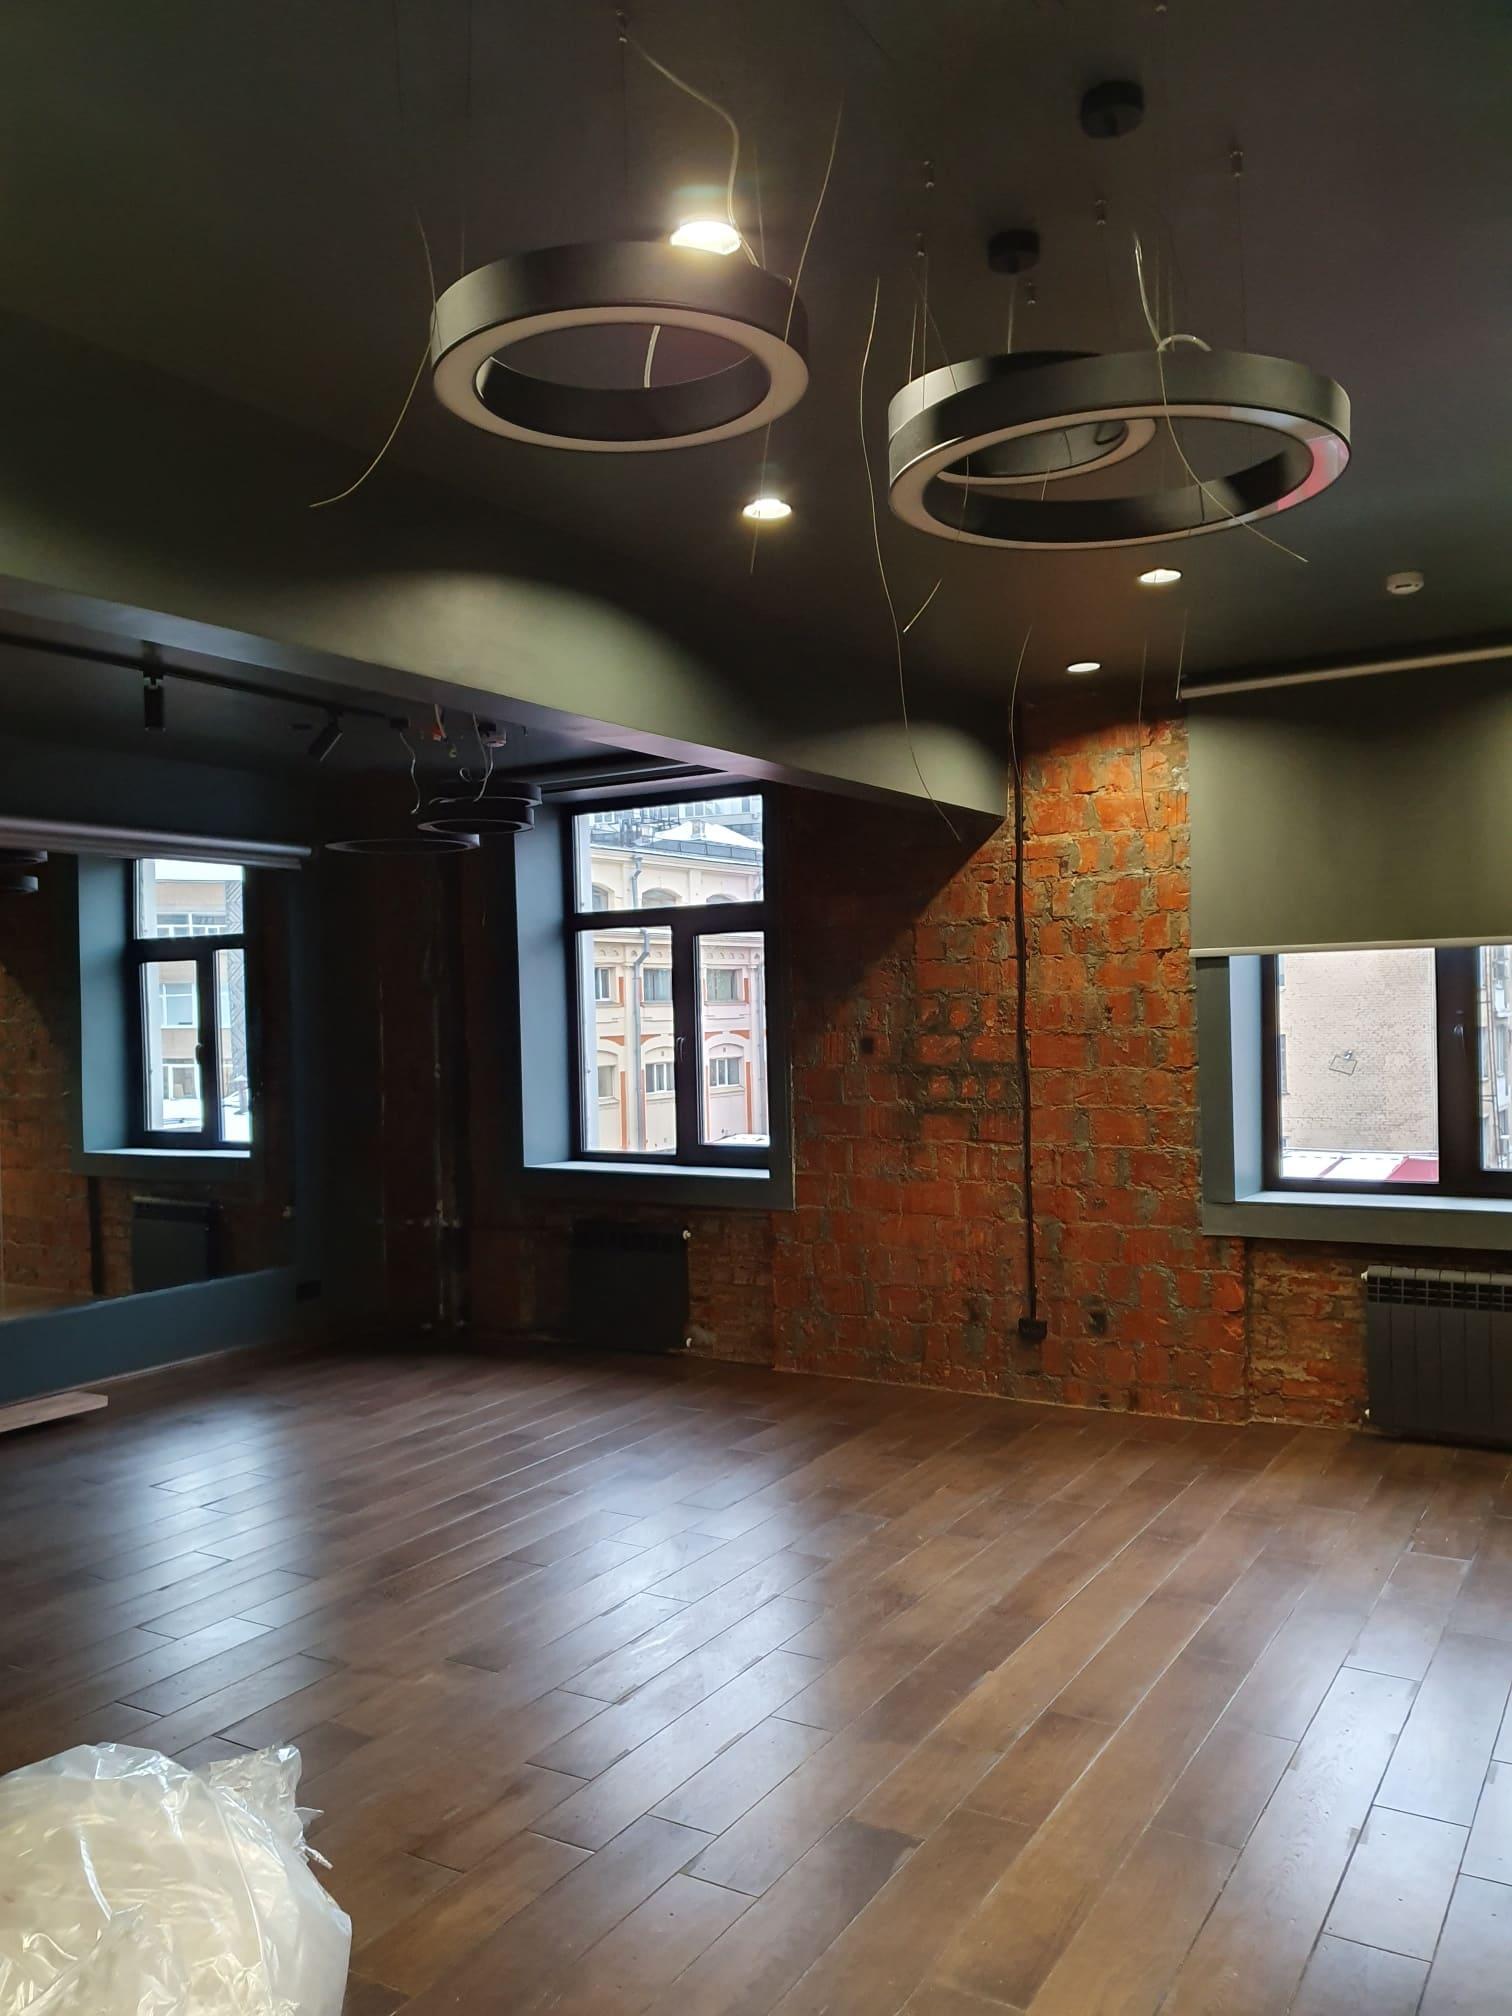 Популярный стиль интерьера в жилой и коммерческой недвижимости